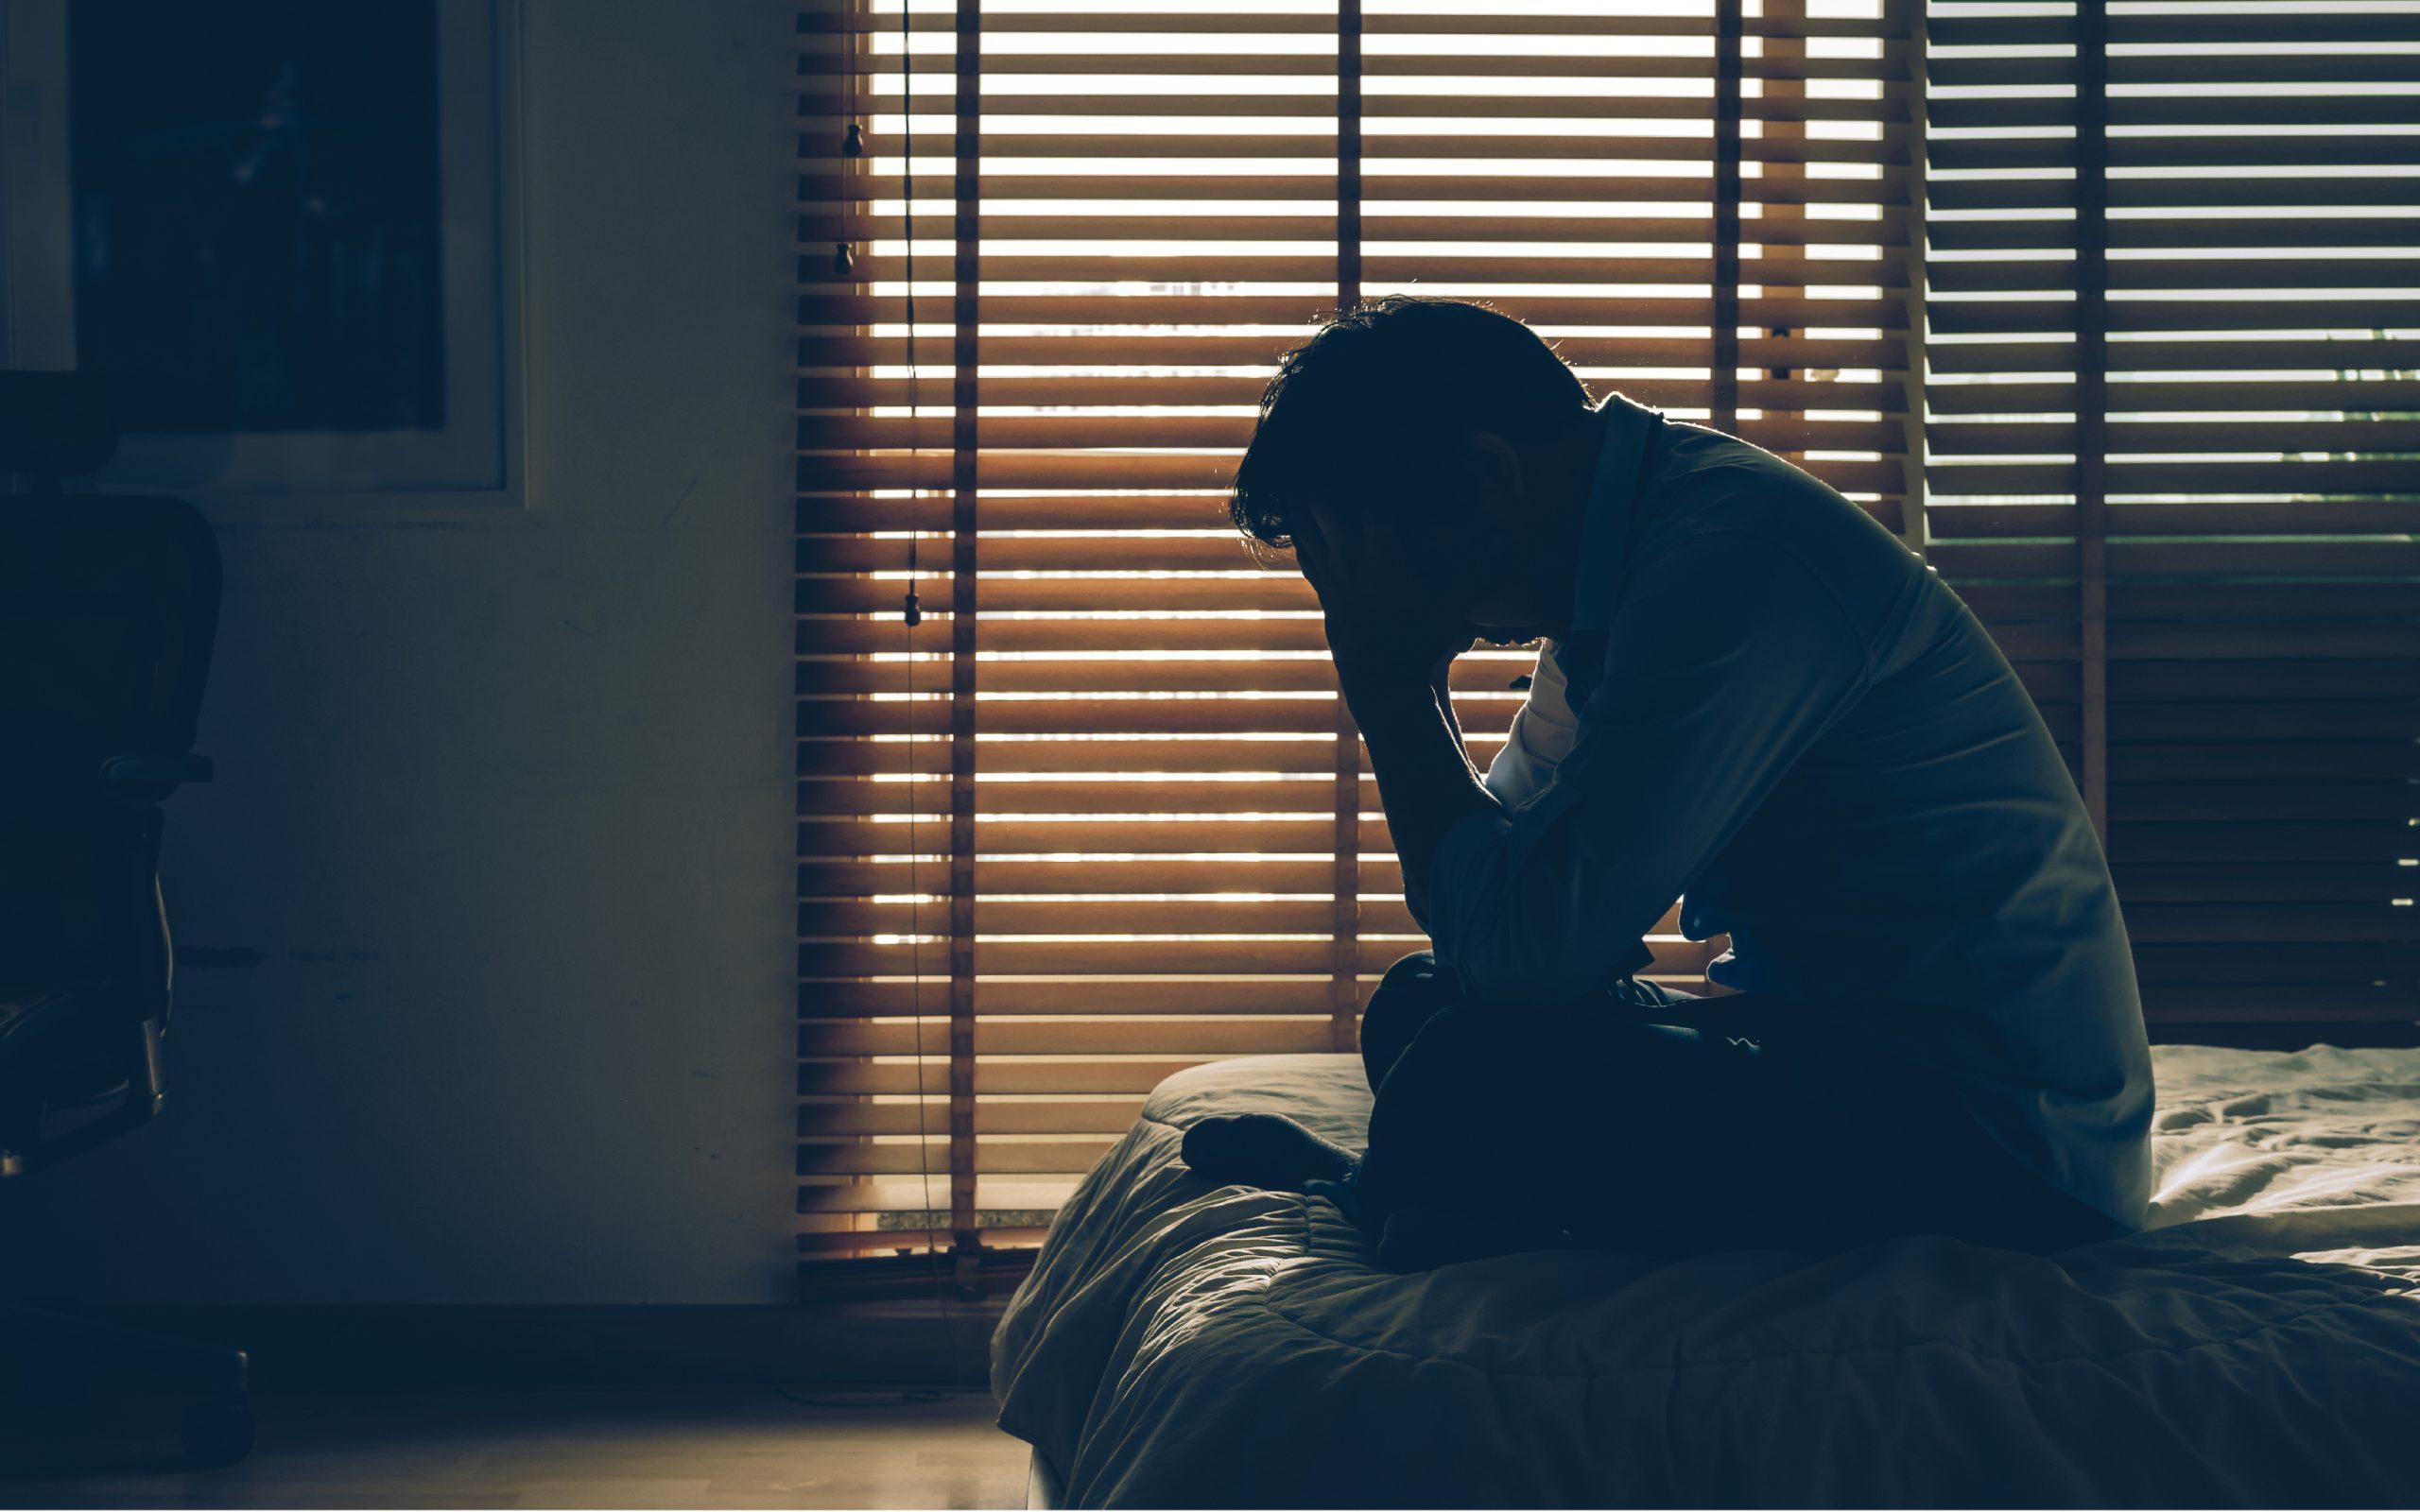 World Chronic fatigue syndrome awareness Day: लगातार थकान को न करें नजरअंदाज, हो सकता है क्रोनिक फैटिग सिंड्रोम